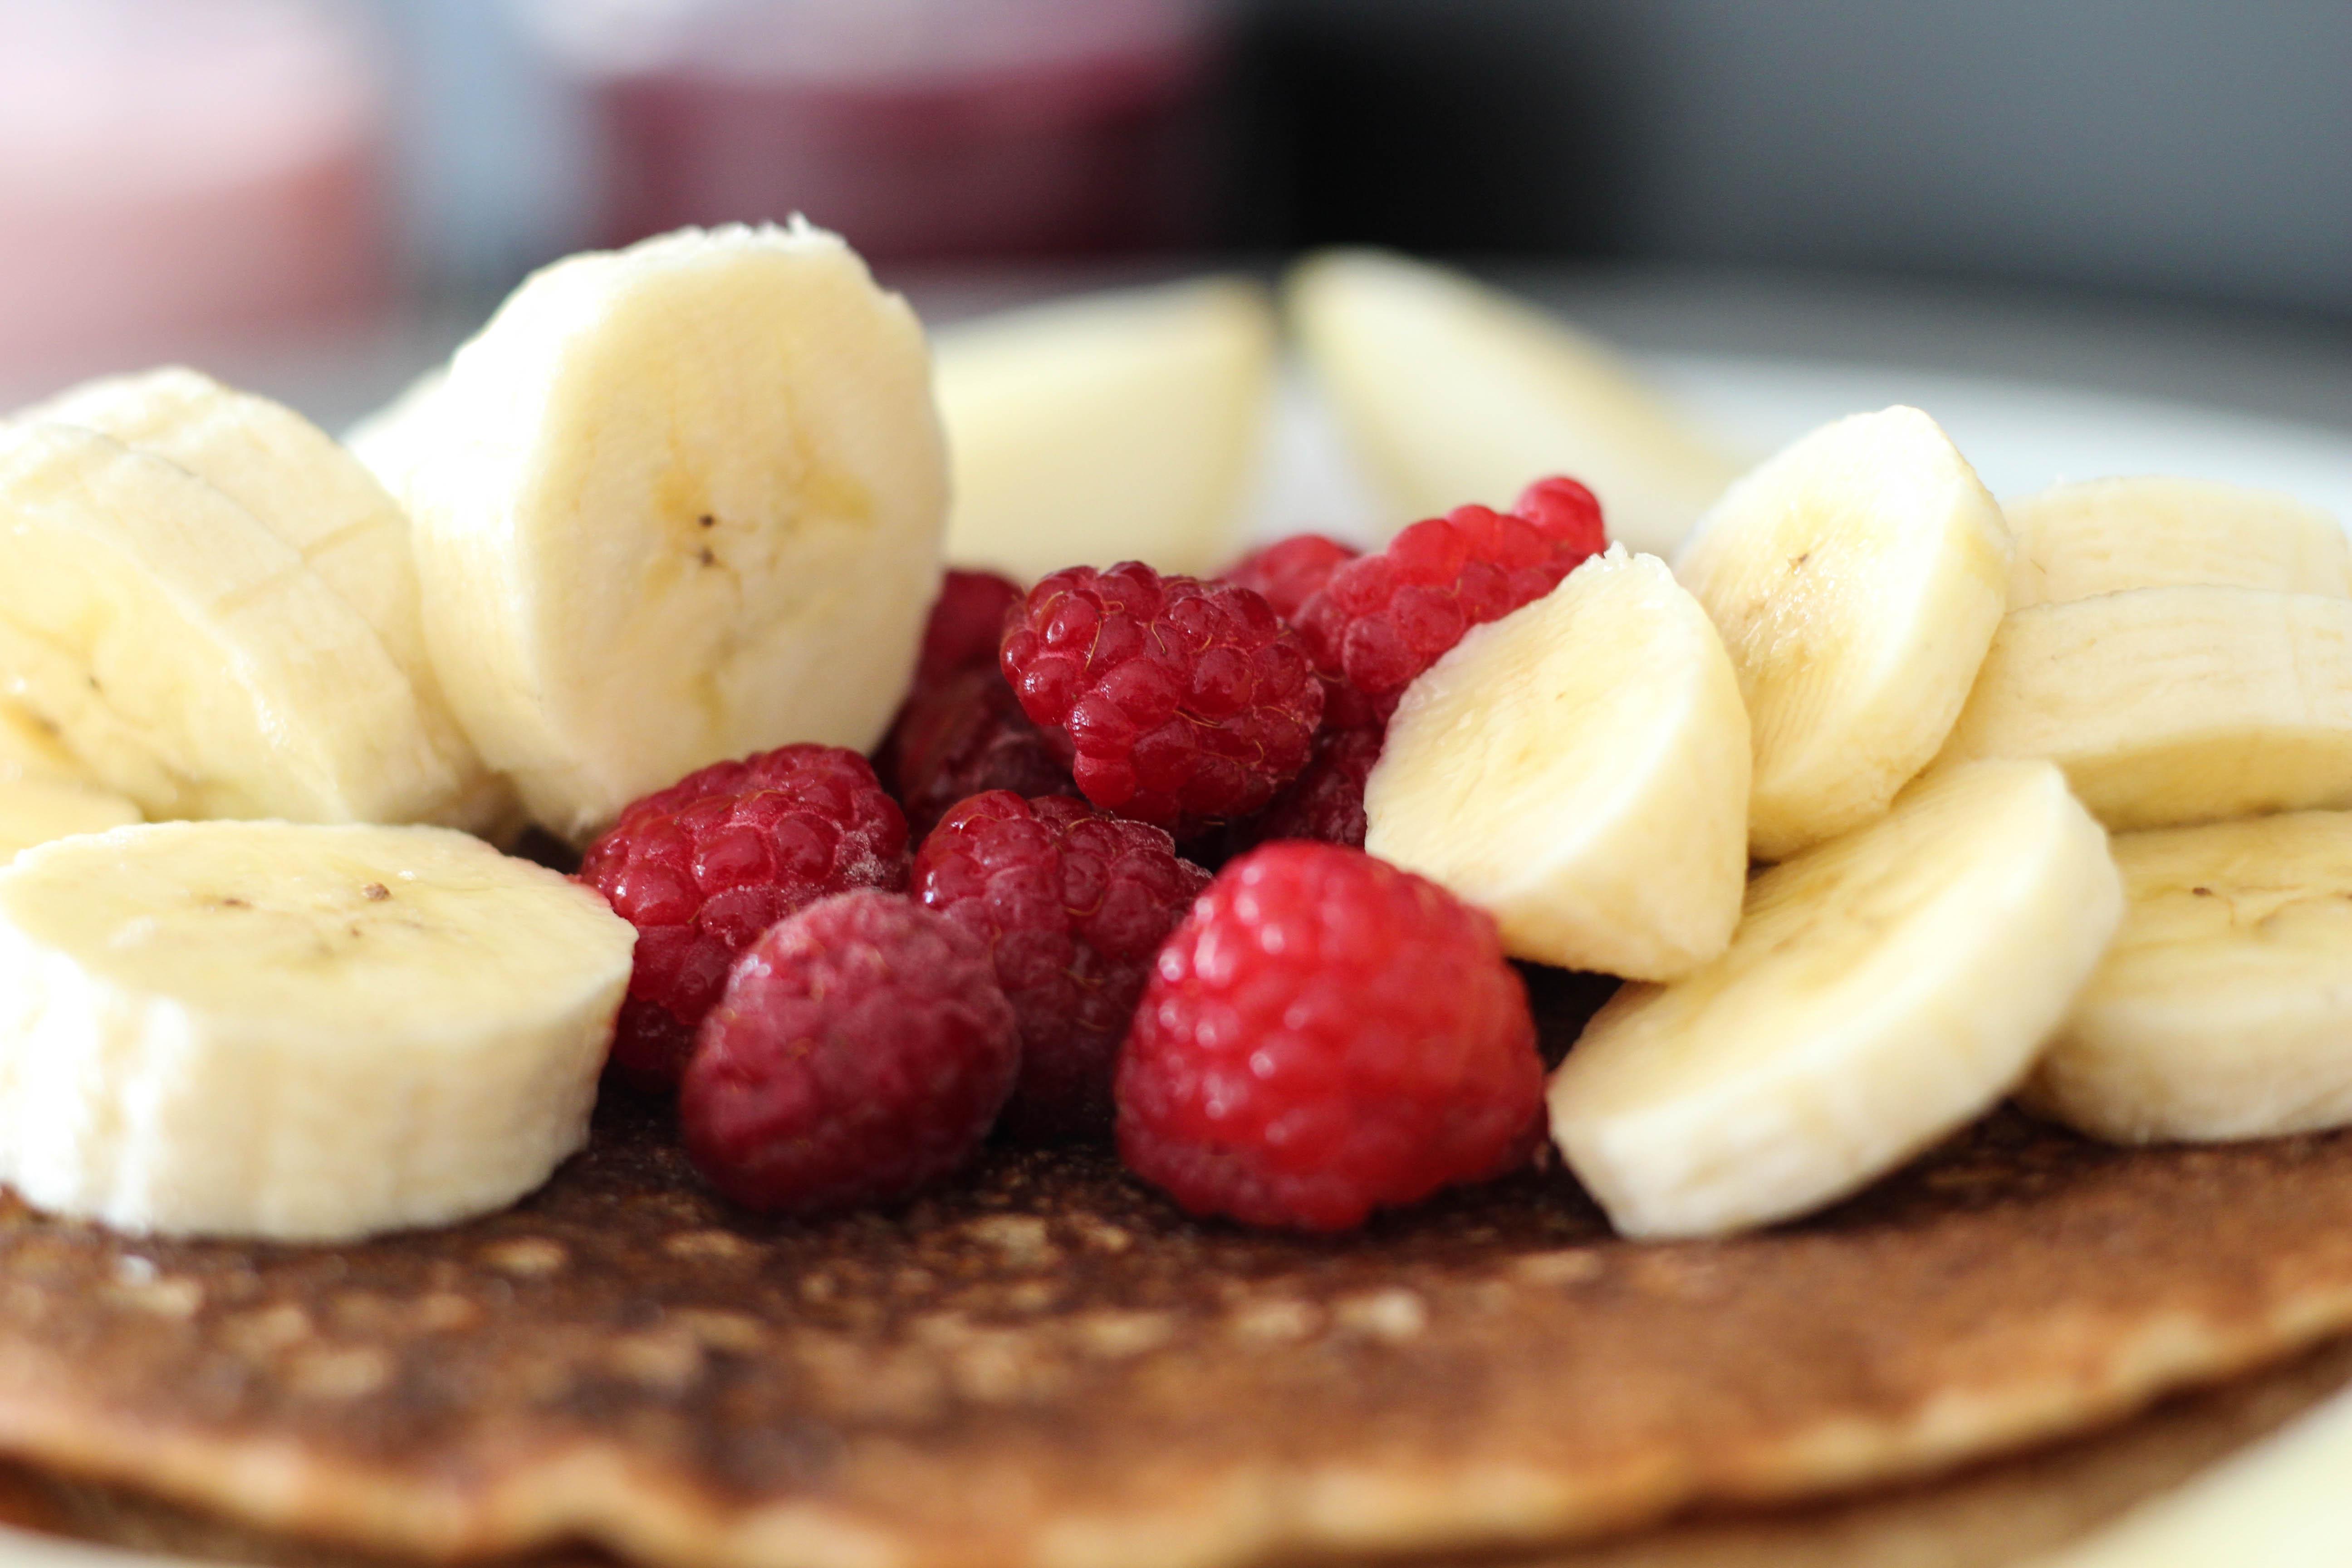 vegan-aroniabeere-pancakes-homespa-soulfood-healthy-austria-1-von-1-8